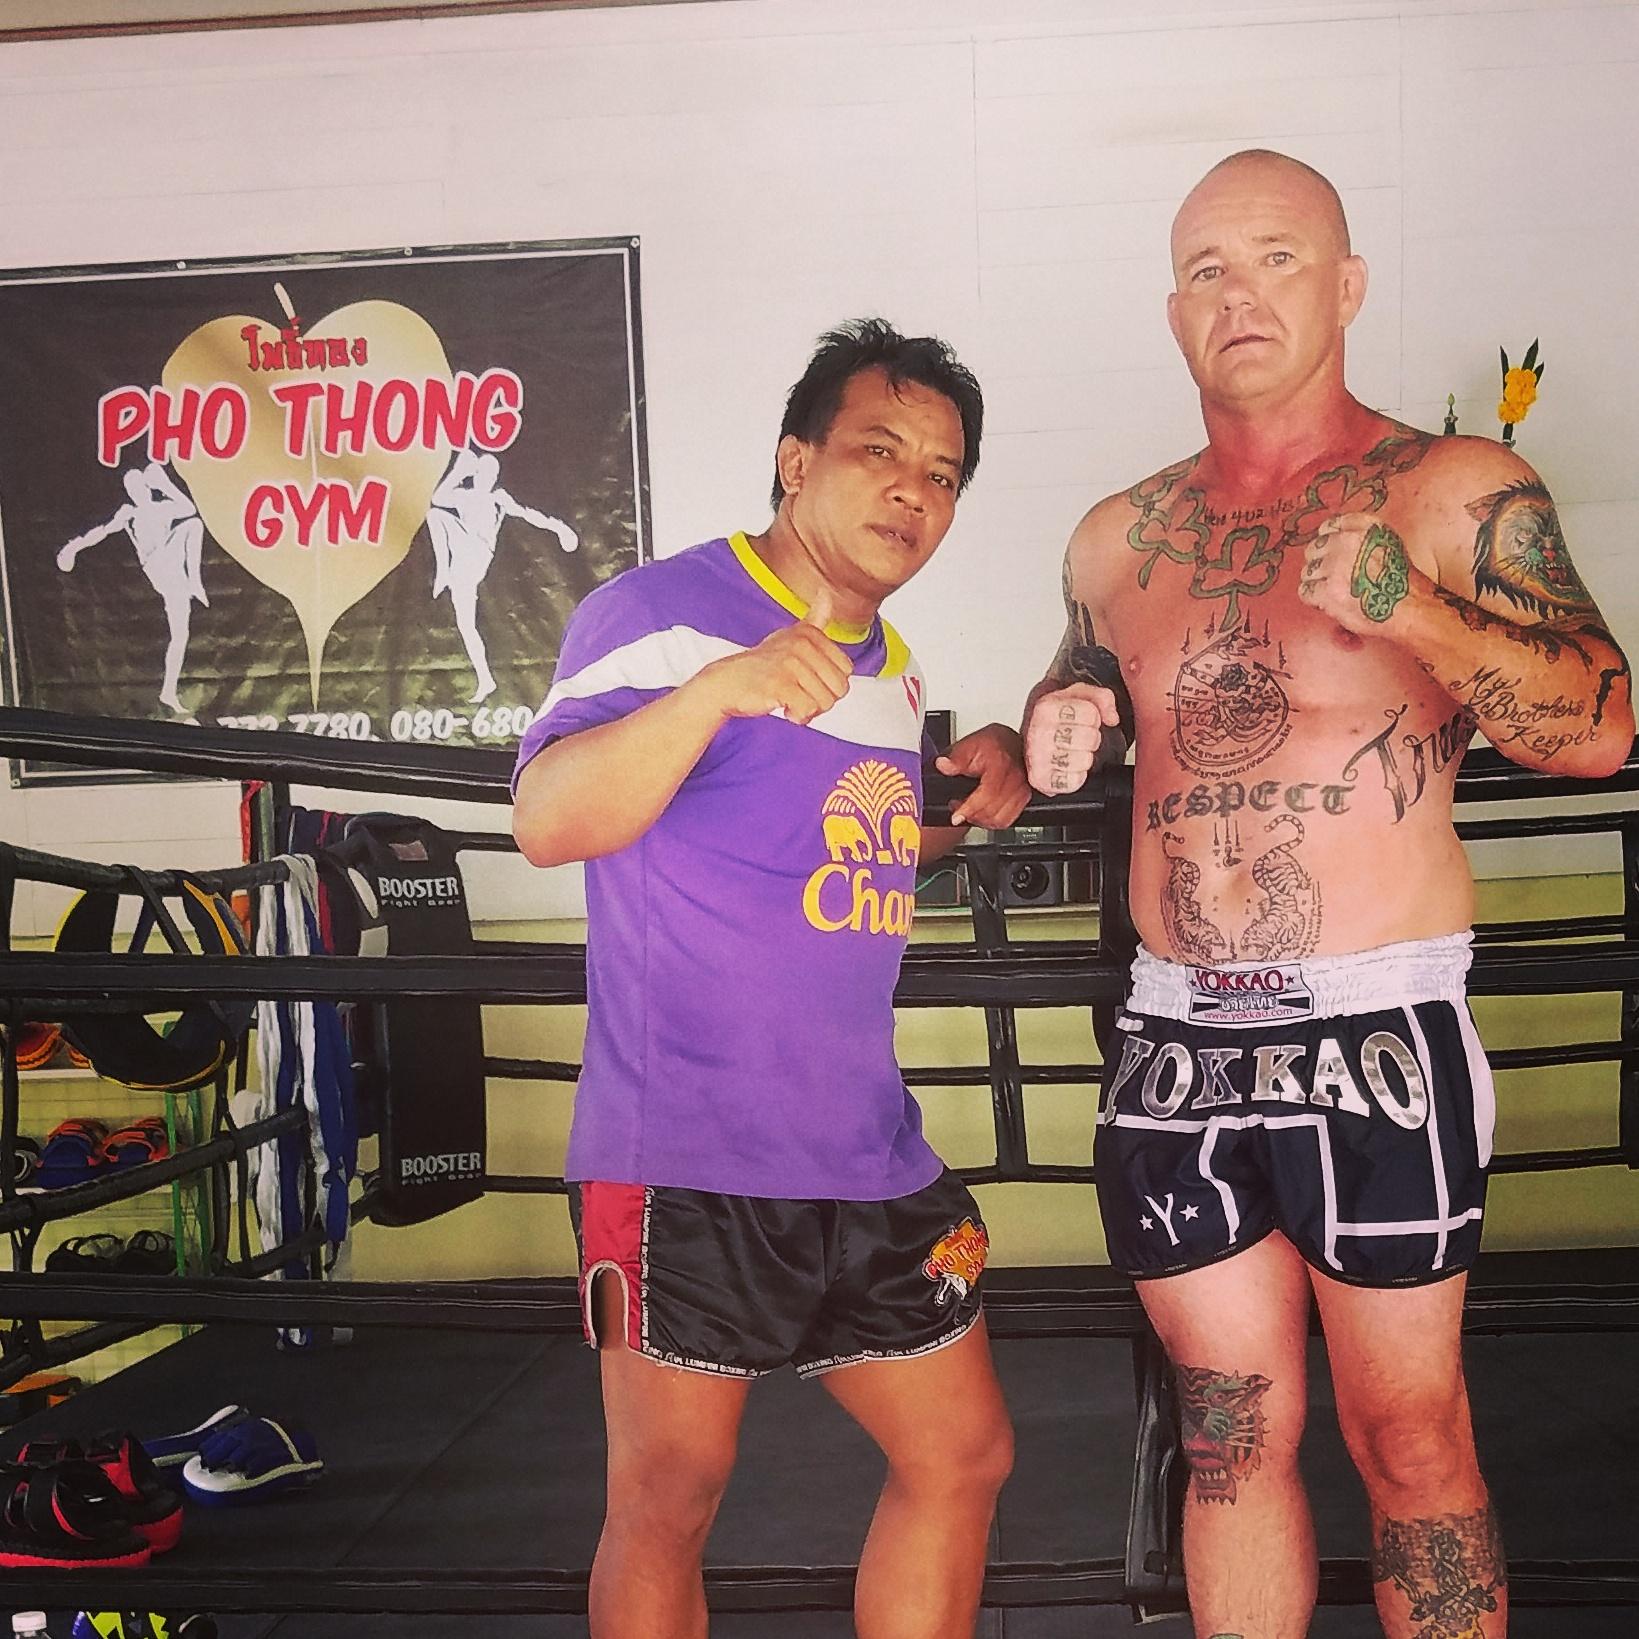 IMG 20170801 155757 575 - Pho Thong Gym Patong , Phuket Thailand